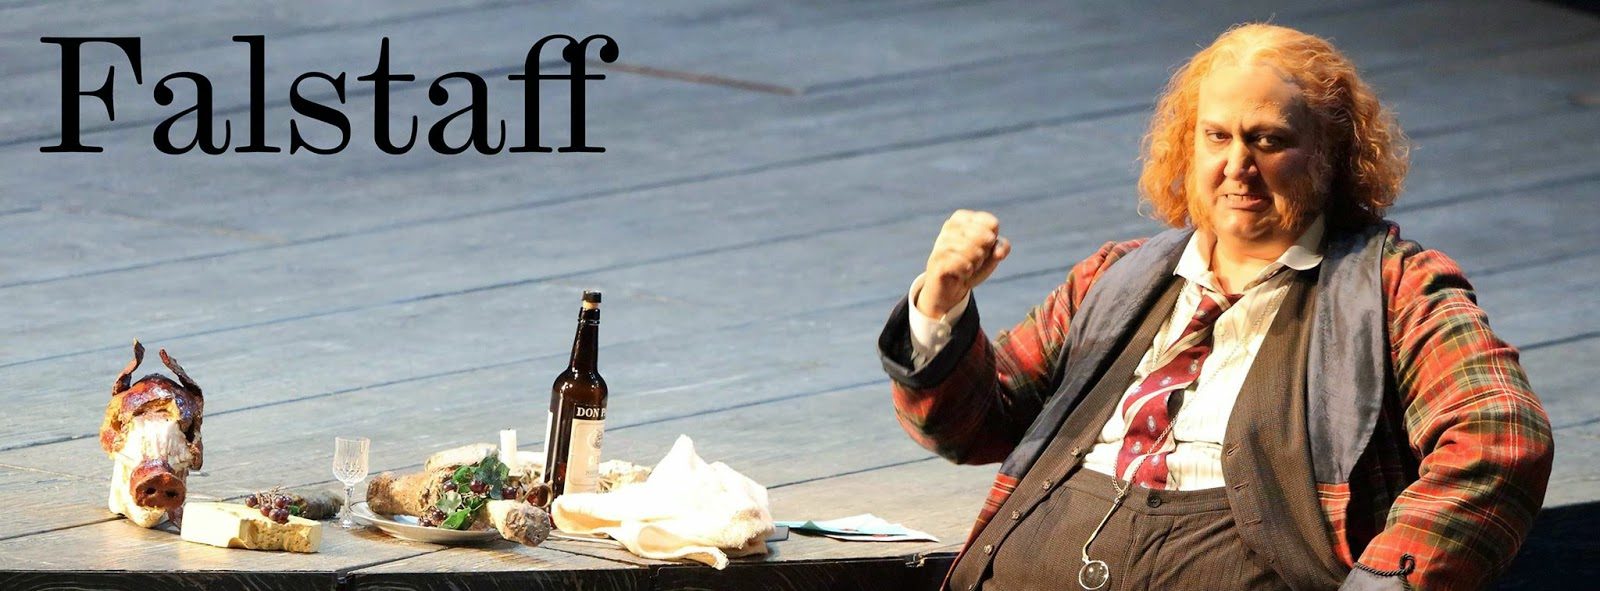 Opéra Munich 2015 : programme et opéras à ne pas manquer en Bavière 1